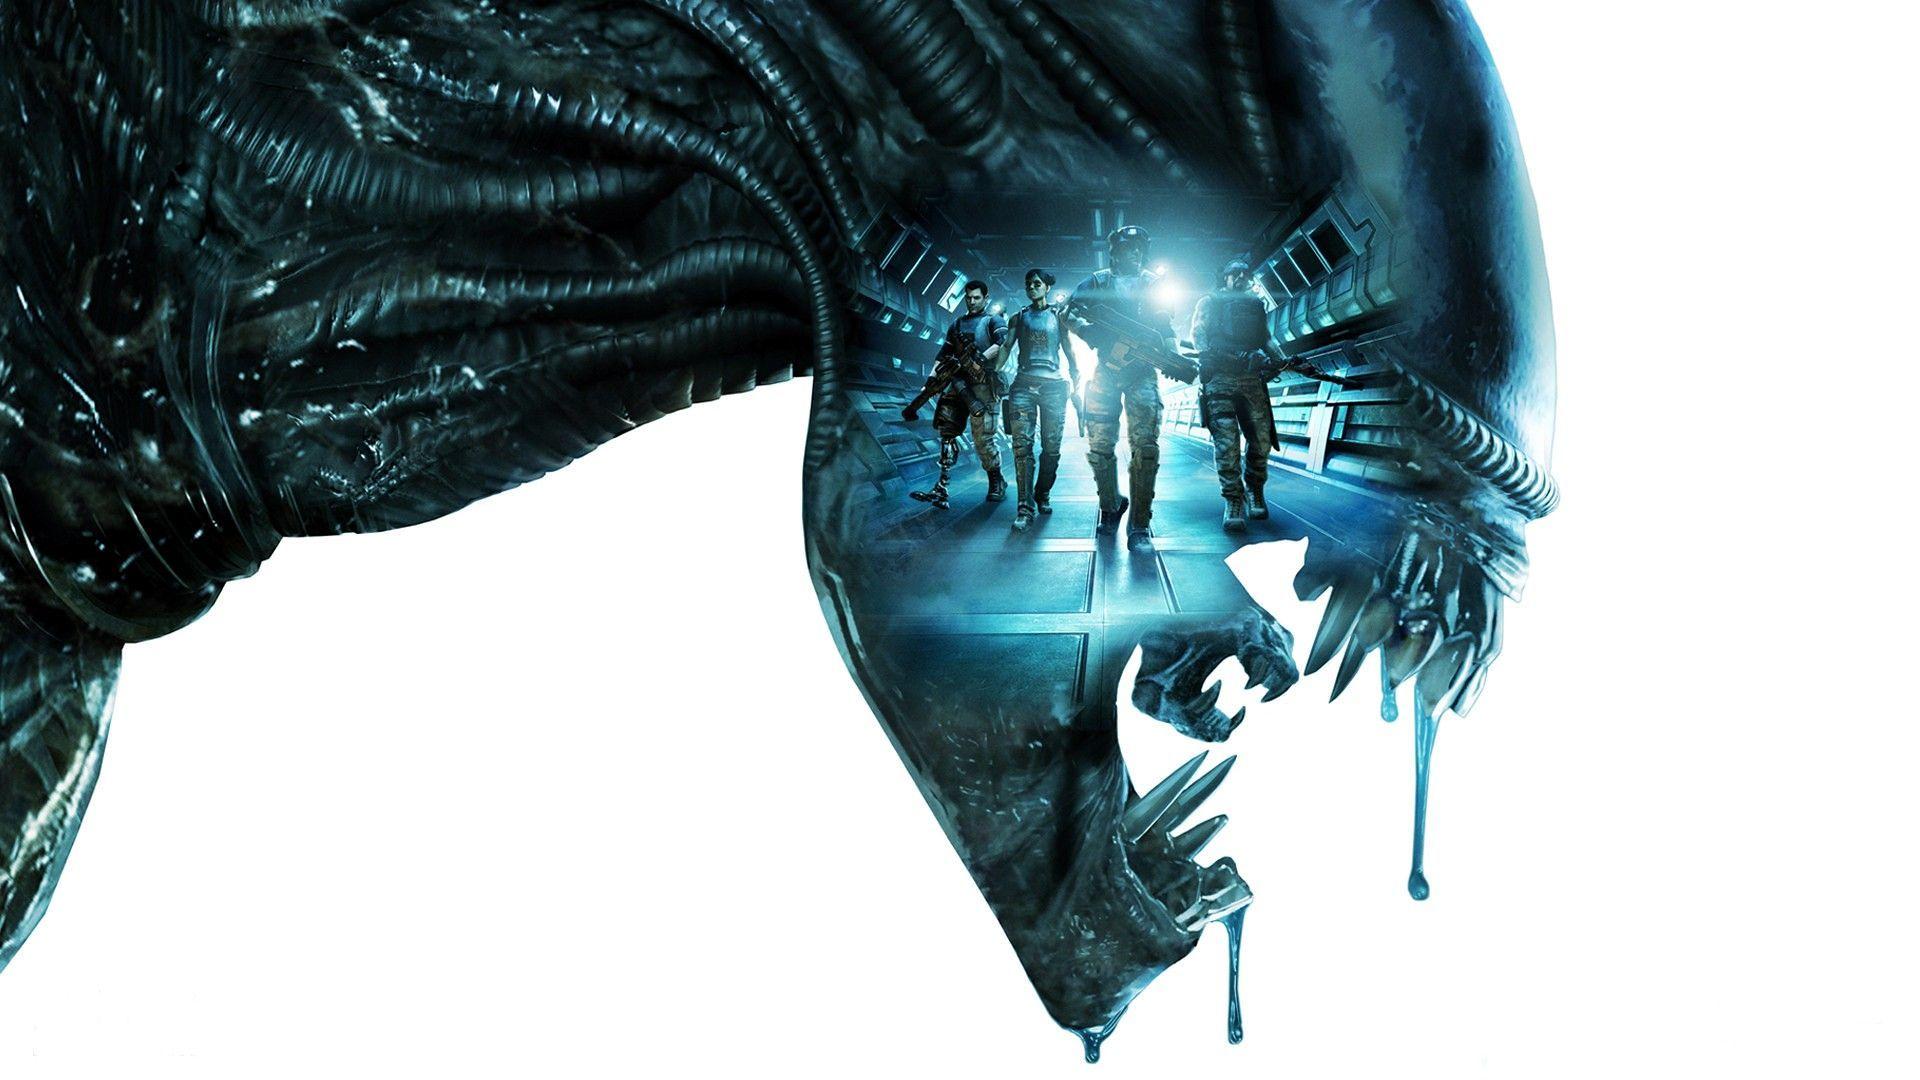 alien seyrederiz